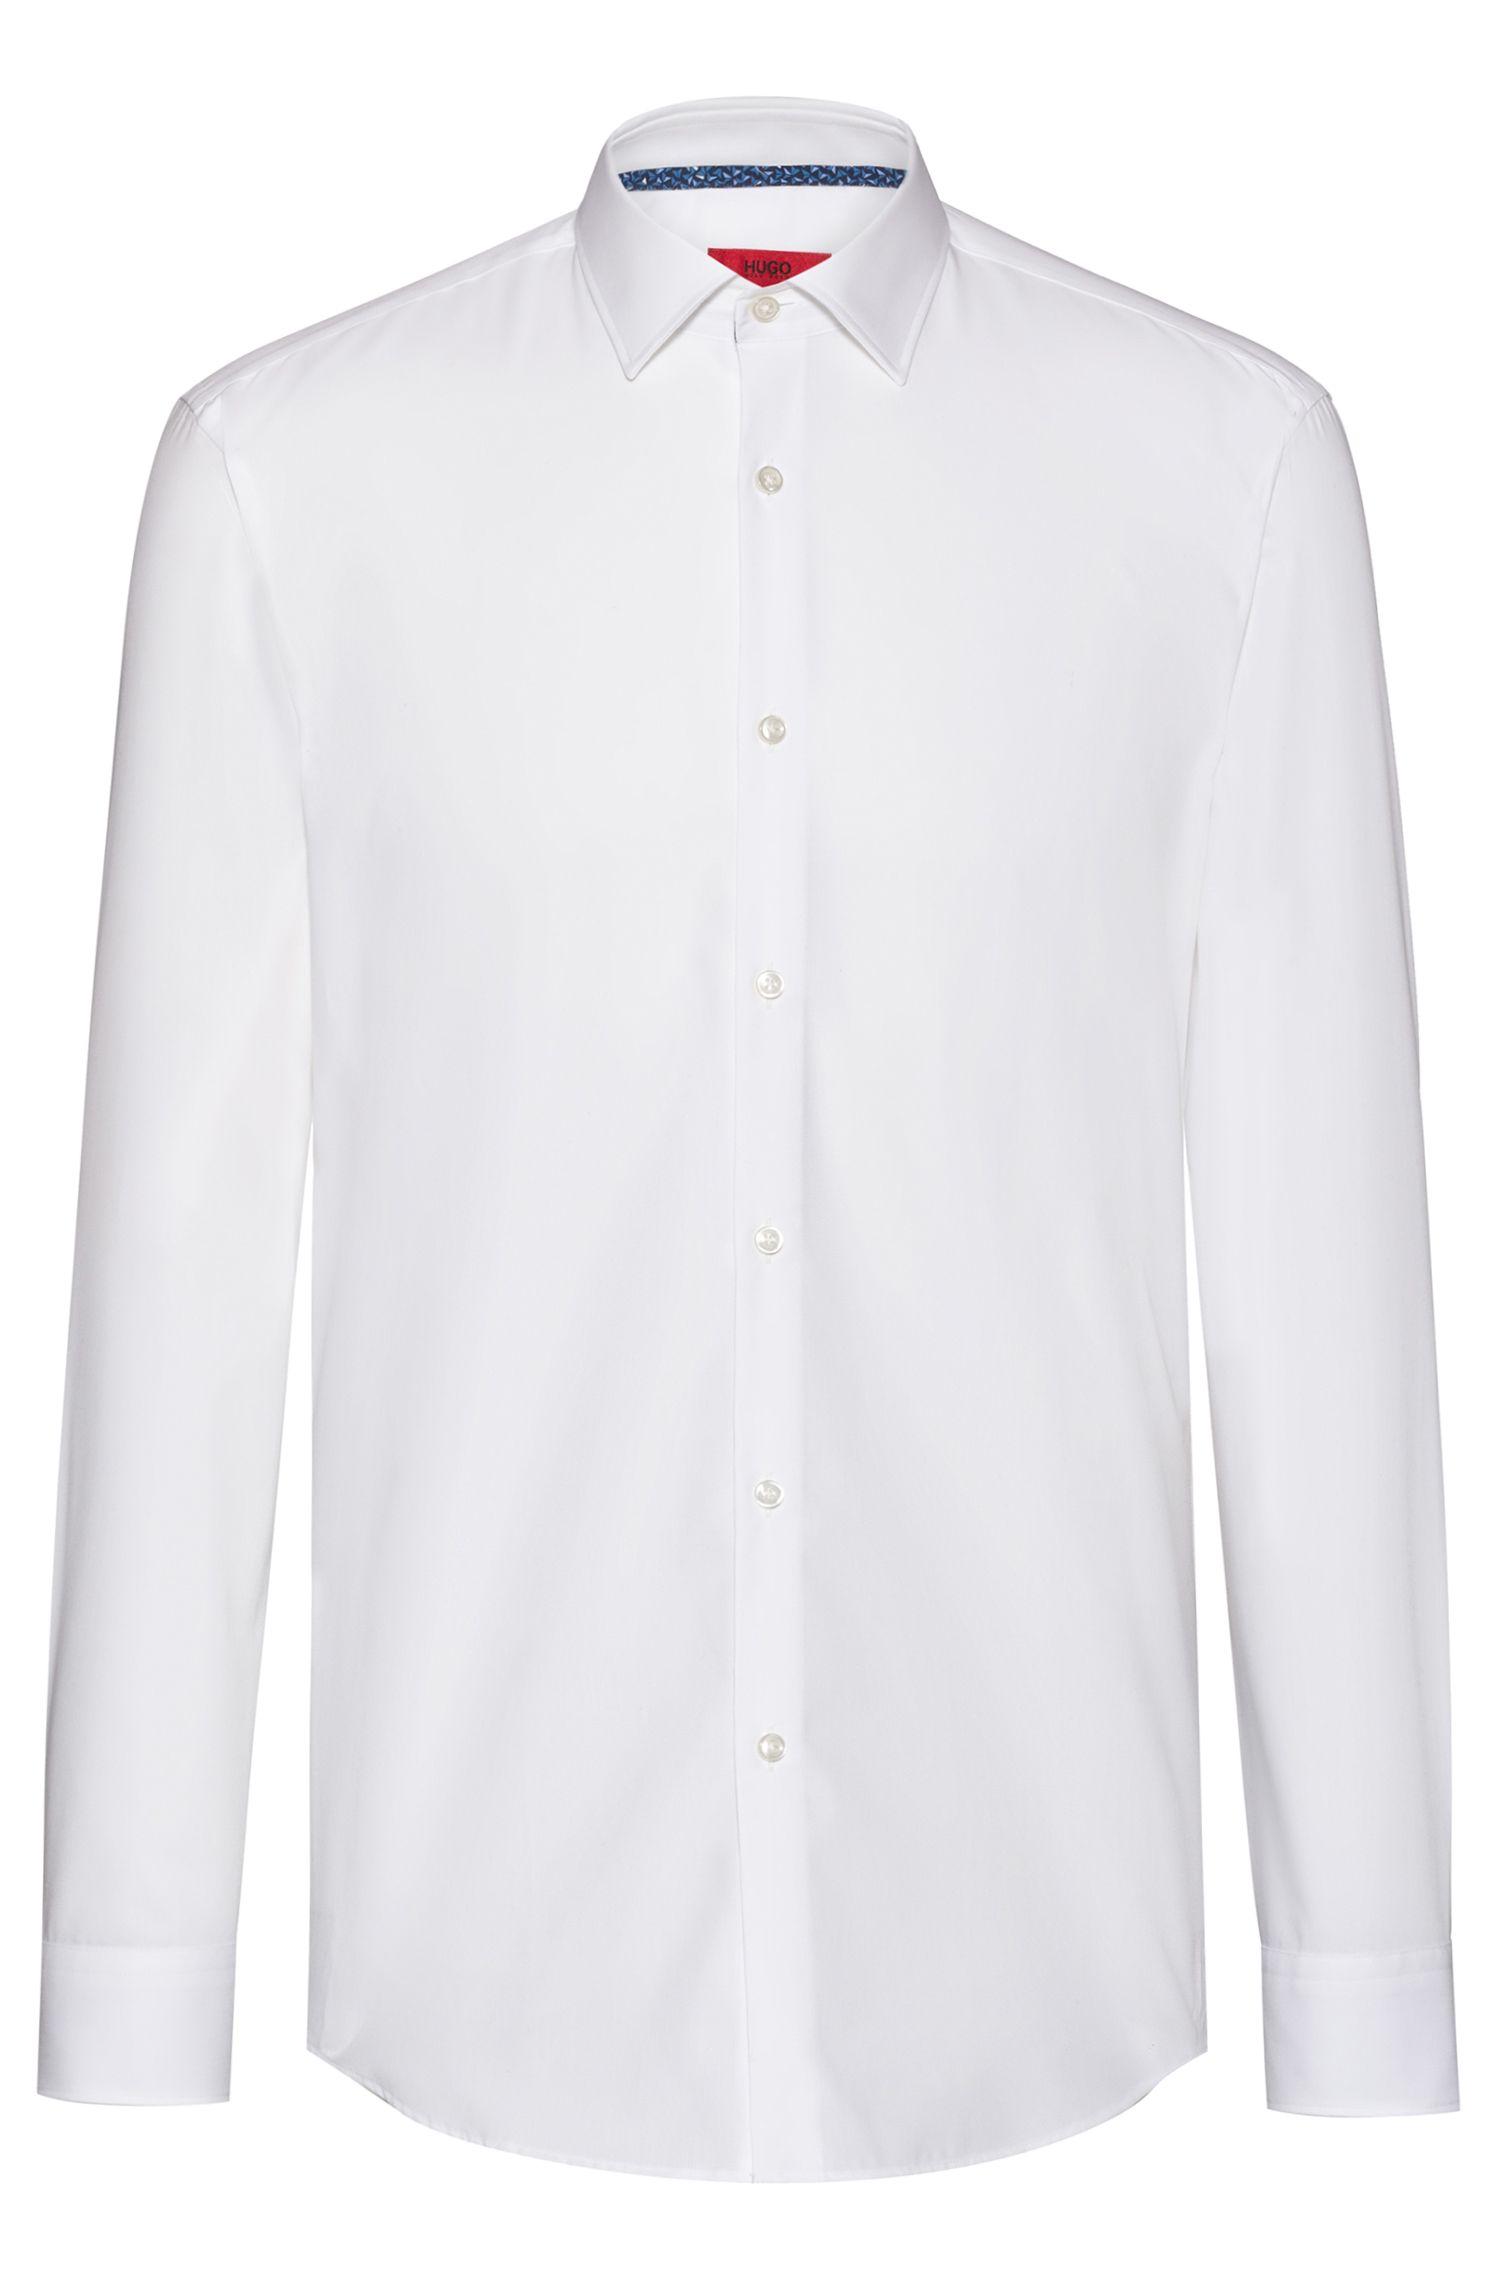 Slim-Fit Hemd aus Baumwolle mit gemusterten Details auf der Innenseite, Weiß